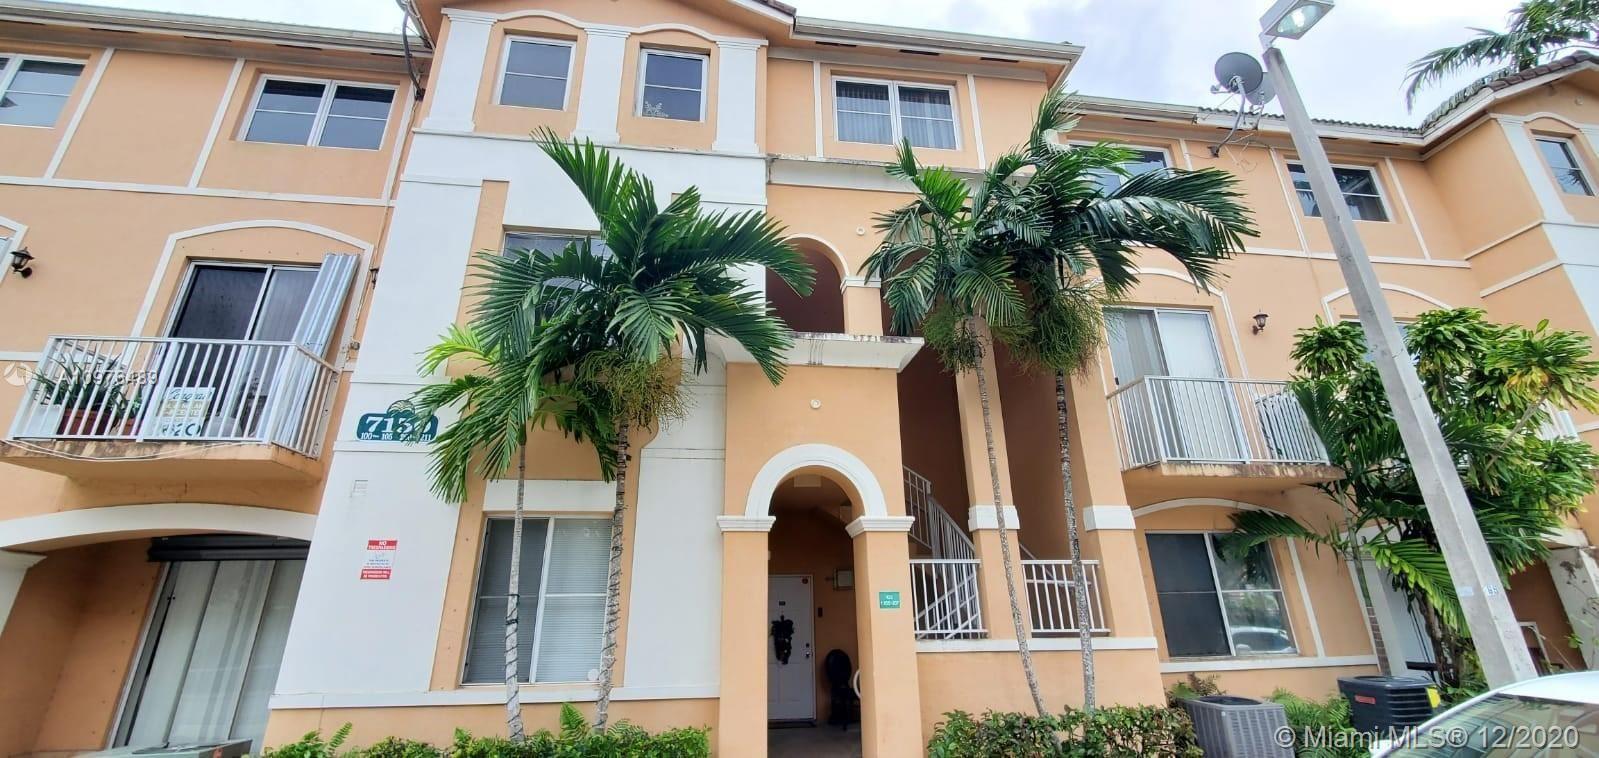 7150 NW 177th St #205-15, Hialeah, FL 33015 - #: A10976489